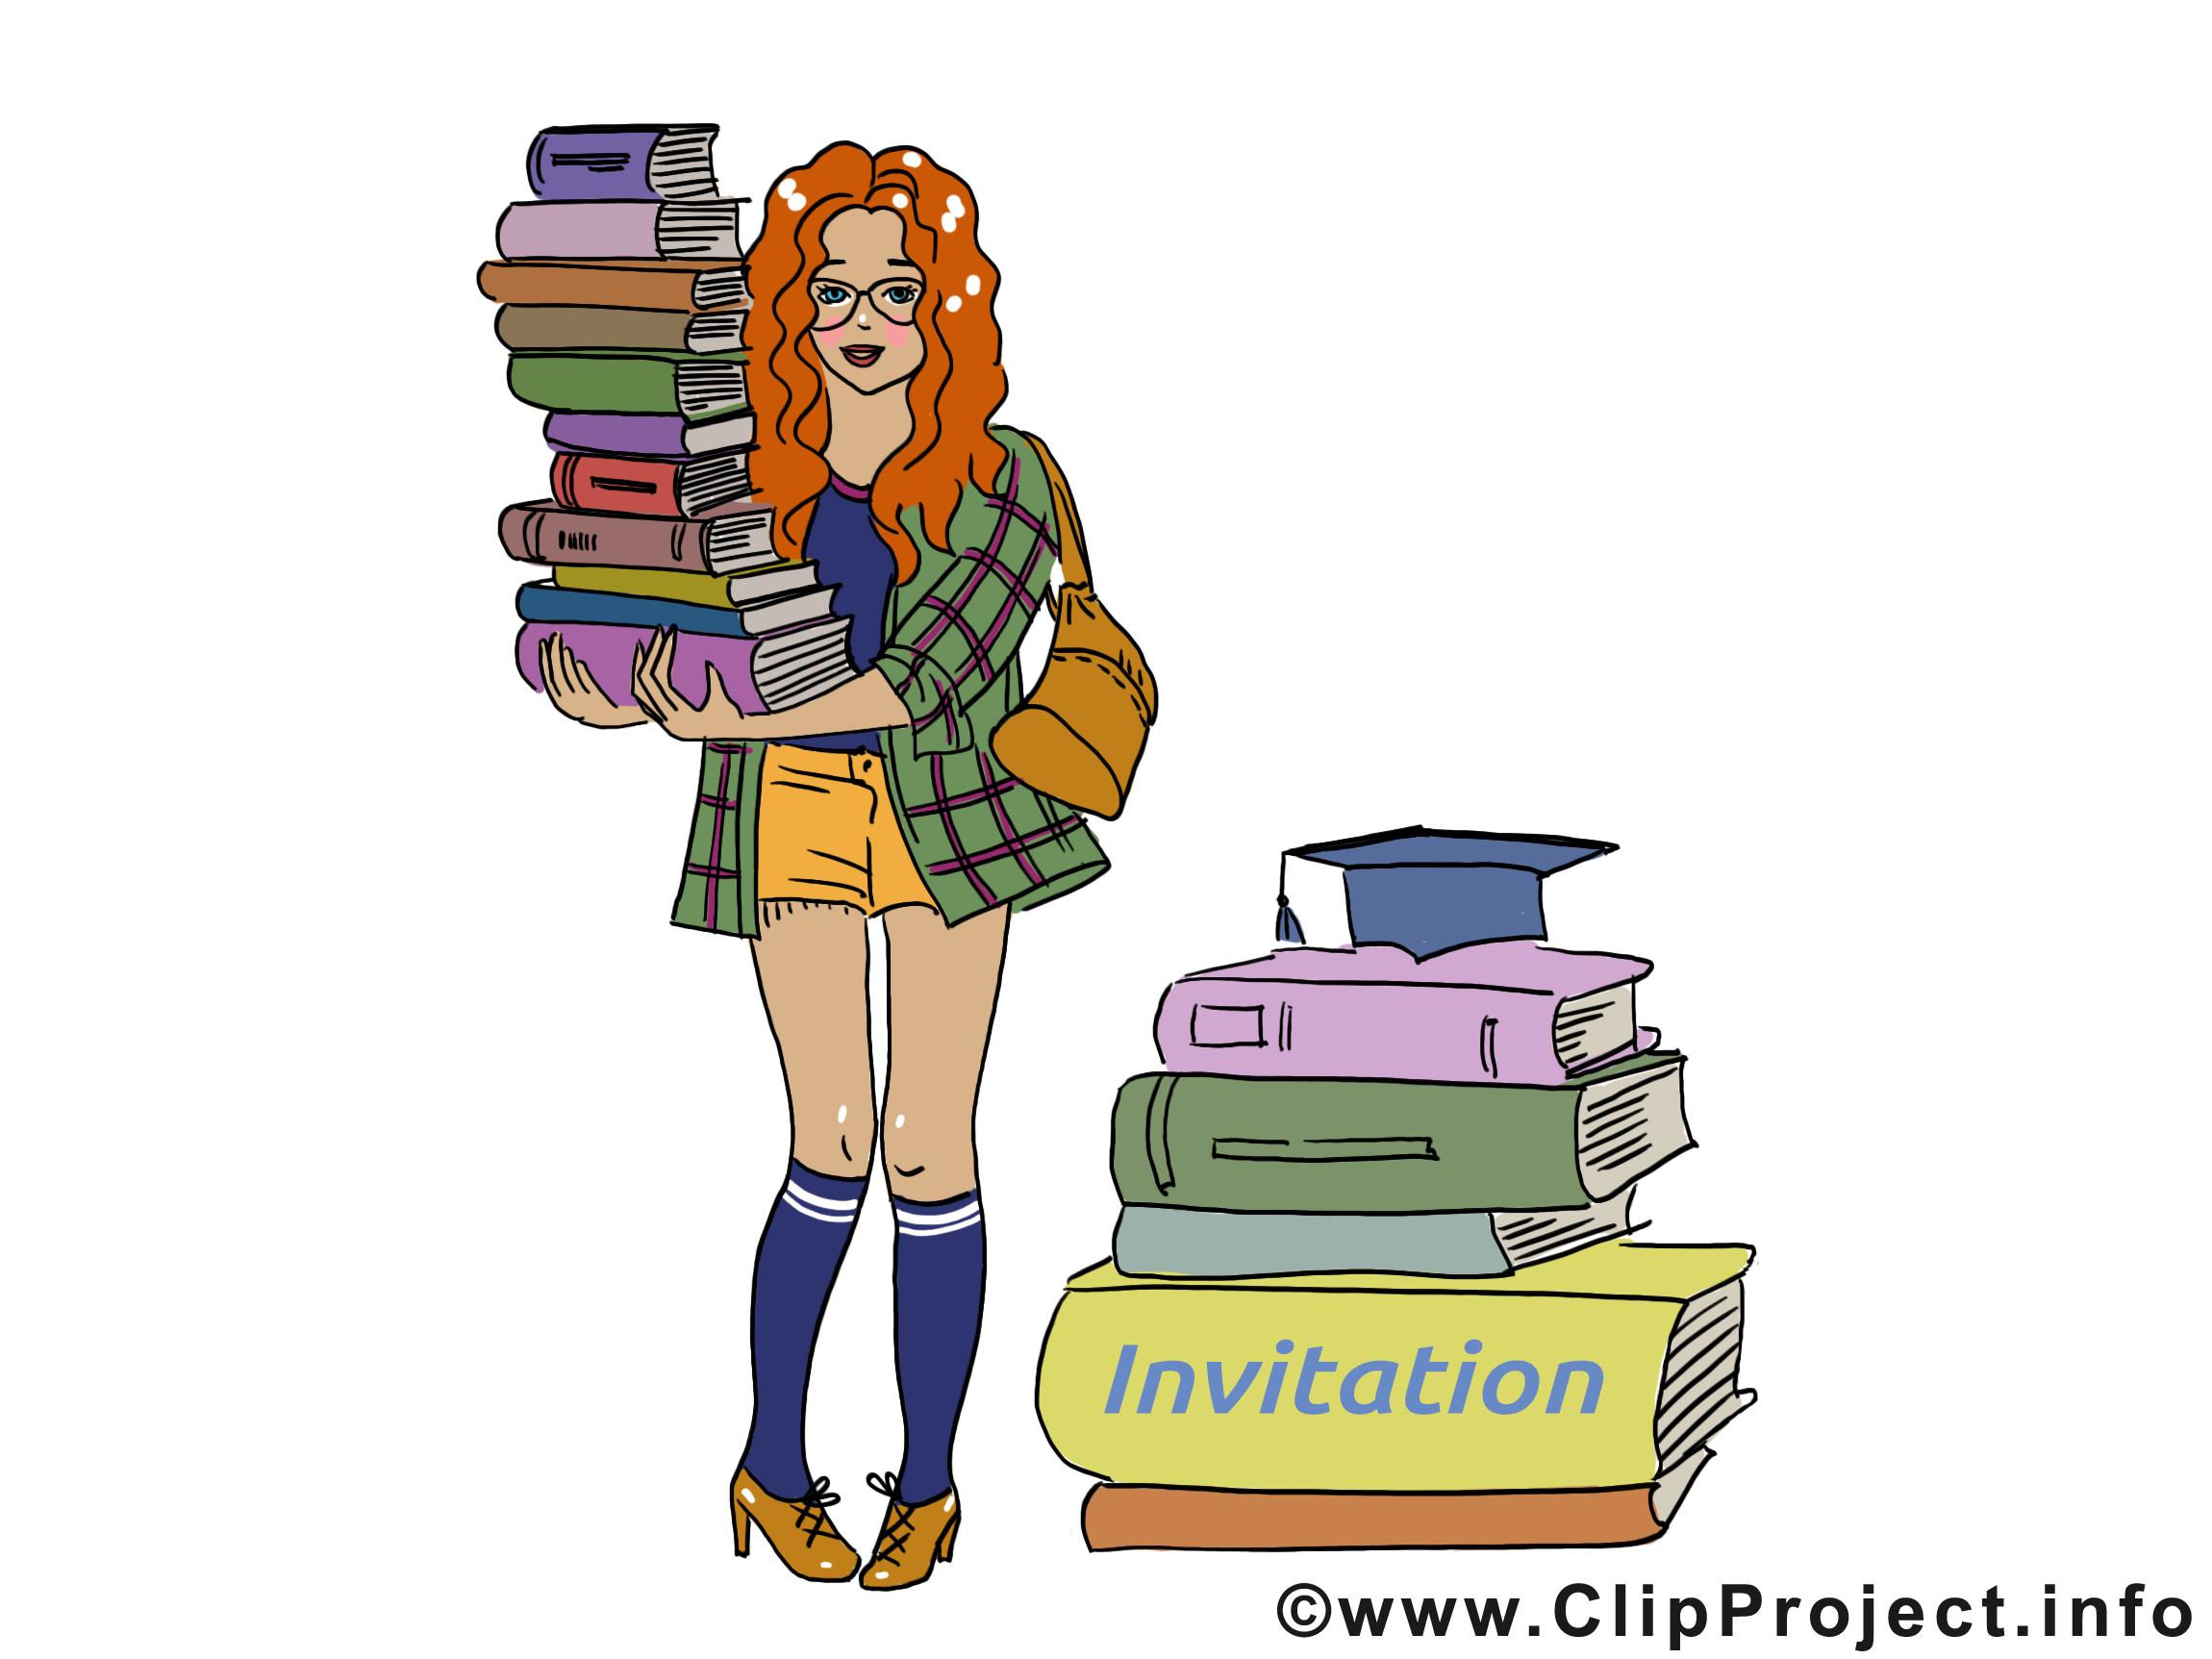 Bibliothécaire images gratuites – Invitation clipart